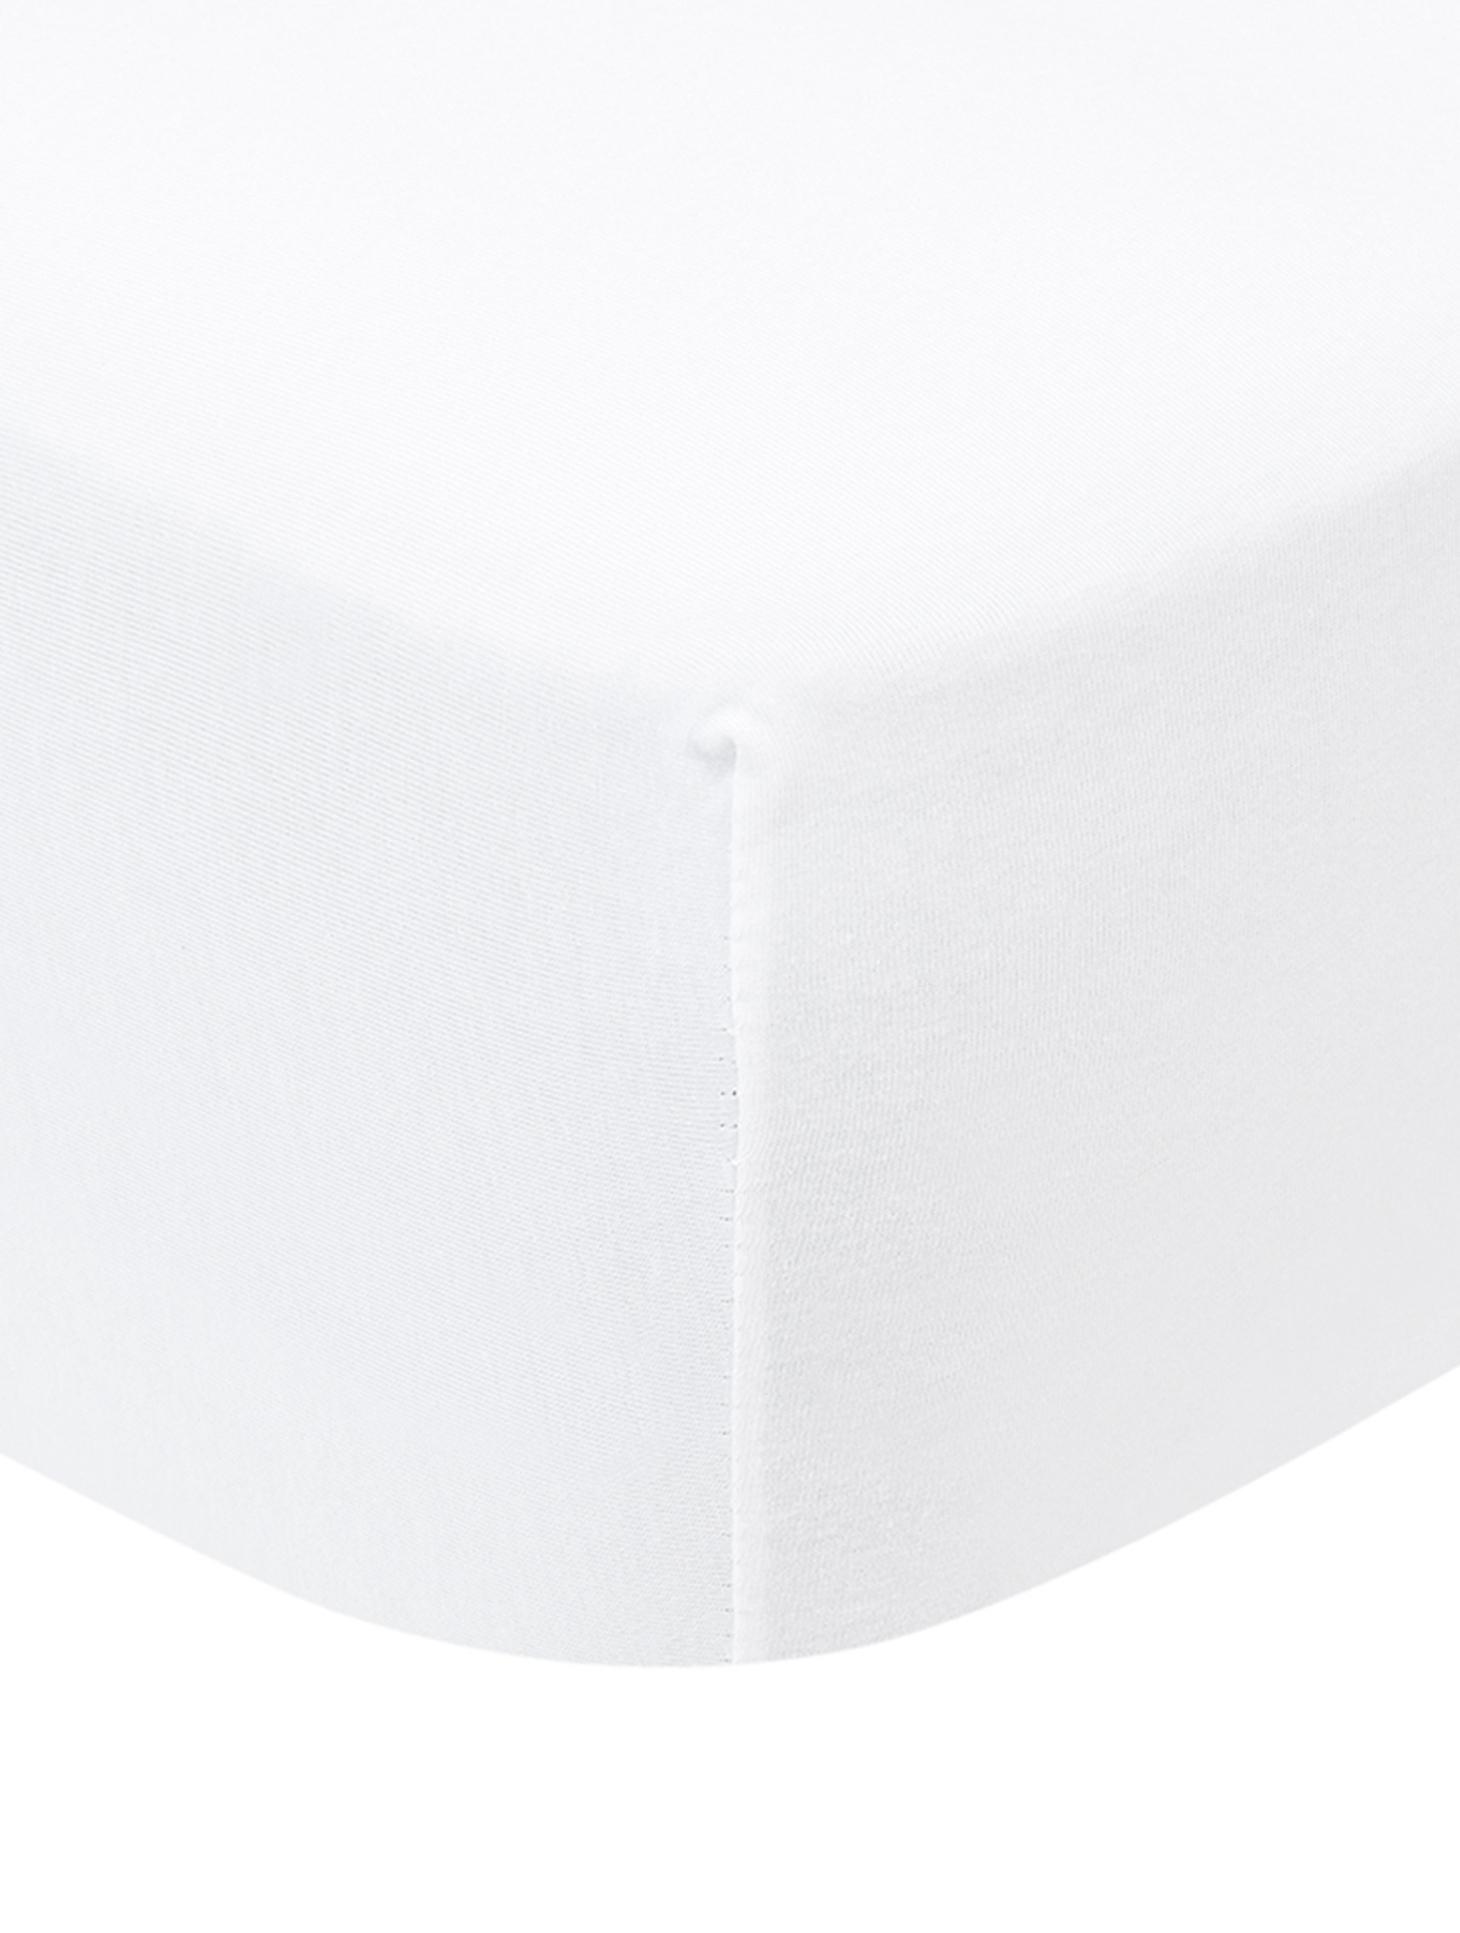 Prześcieradło na łóżko kontynentalne z gumką z jerseyu Lara, 95% bawełna, 5% elastan, Biały, S 200 x D 200 cm